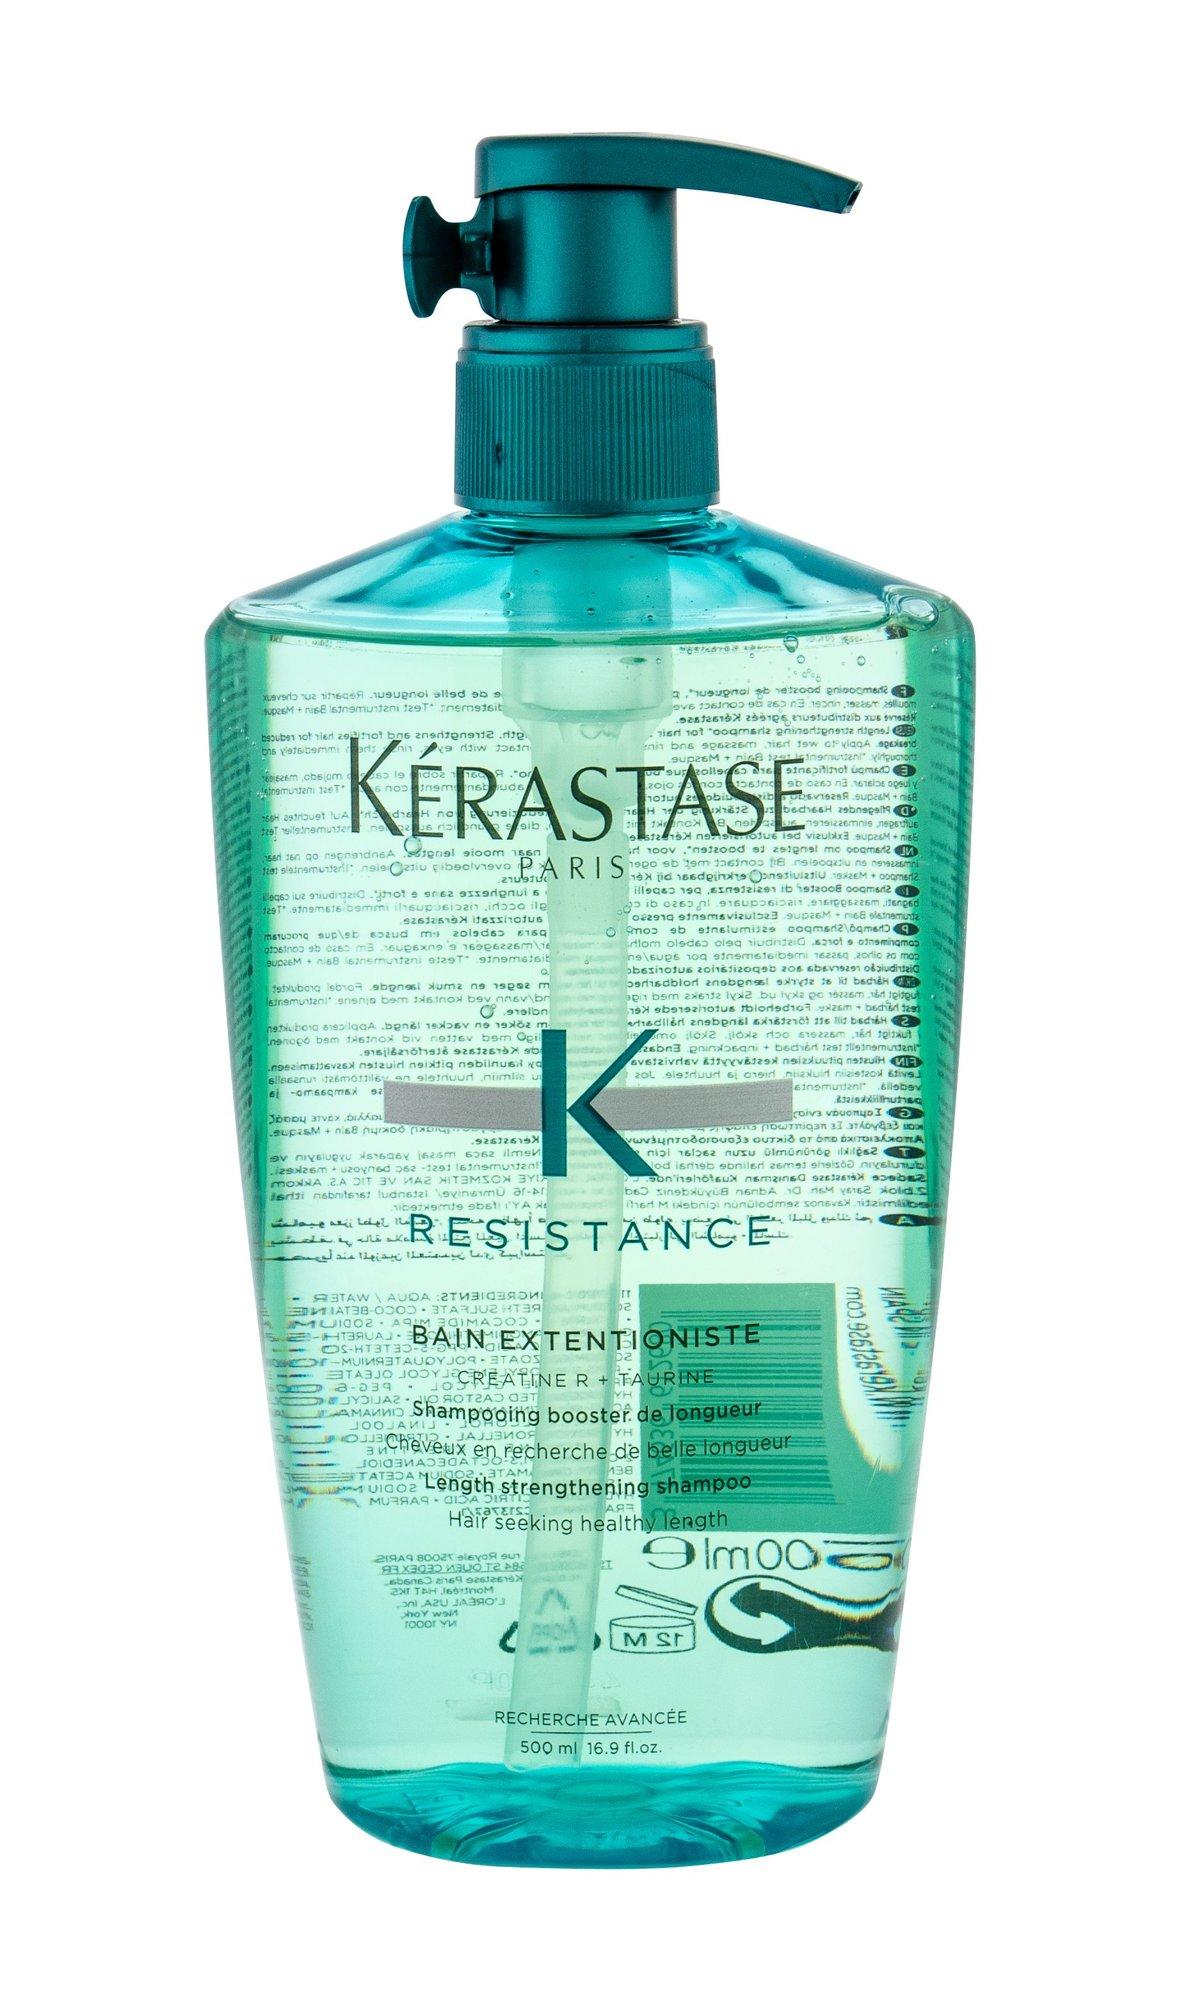 Kérastase Résistance Shampoo 500ml